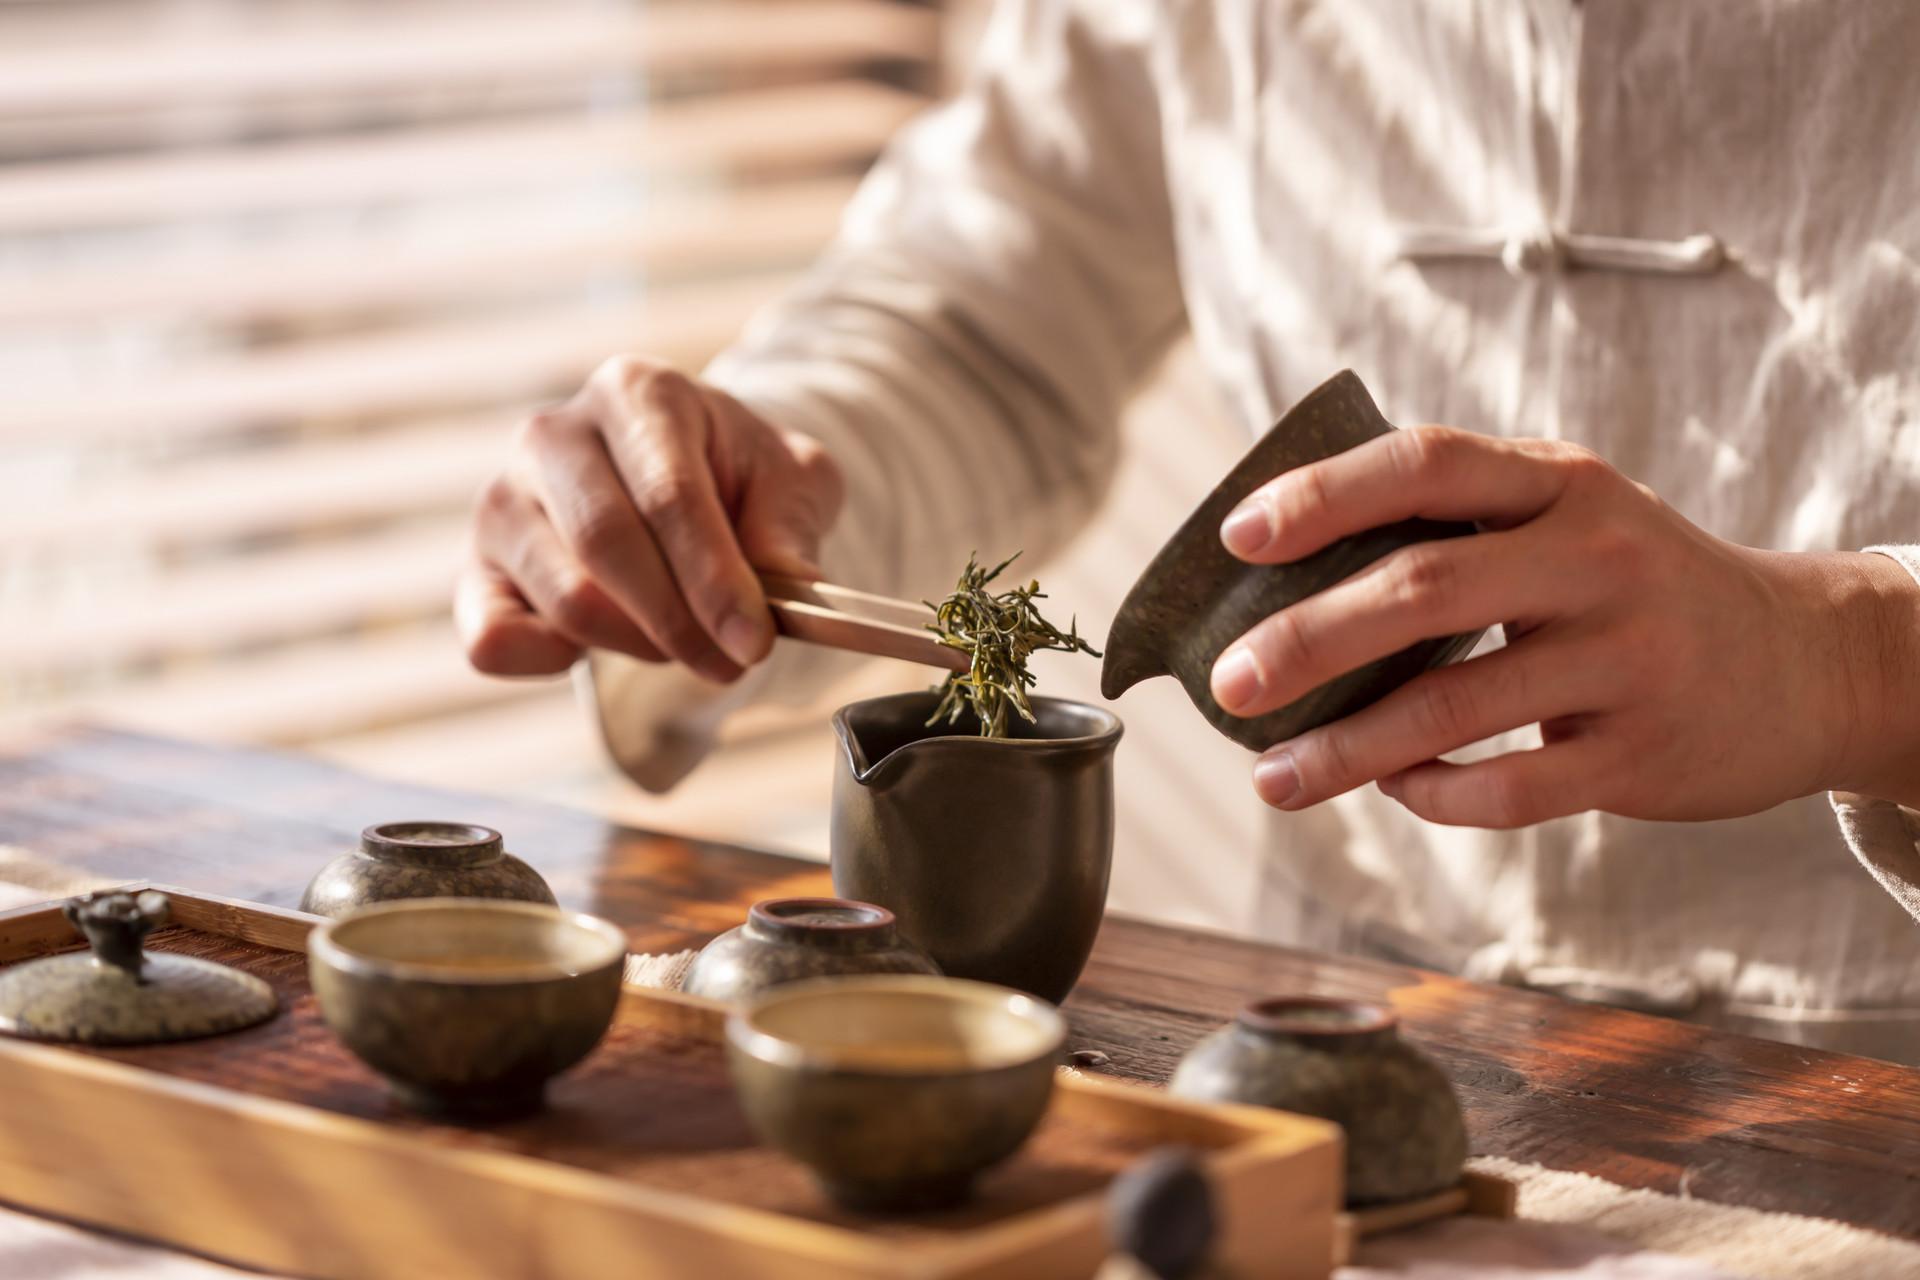 小罐茶爭議中推出多泡裝,葫蘆里賣的什么藥?